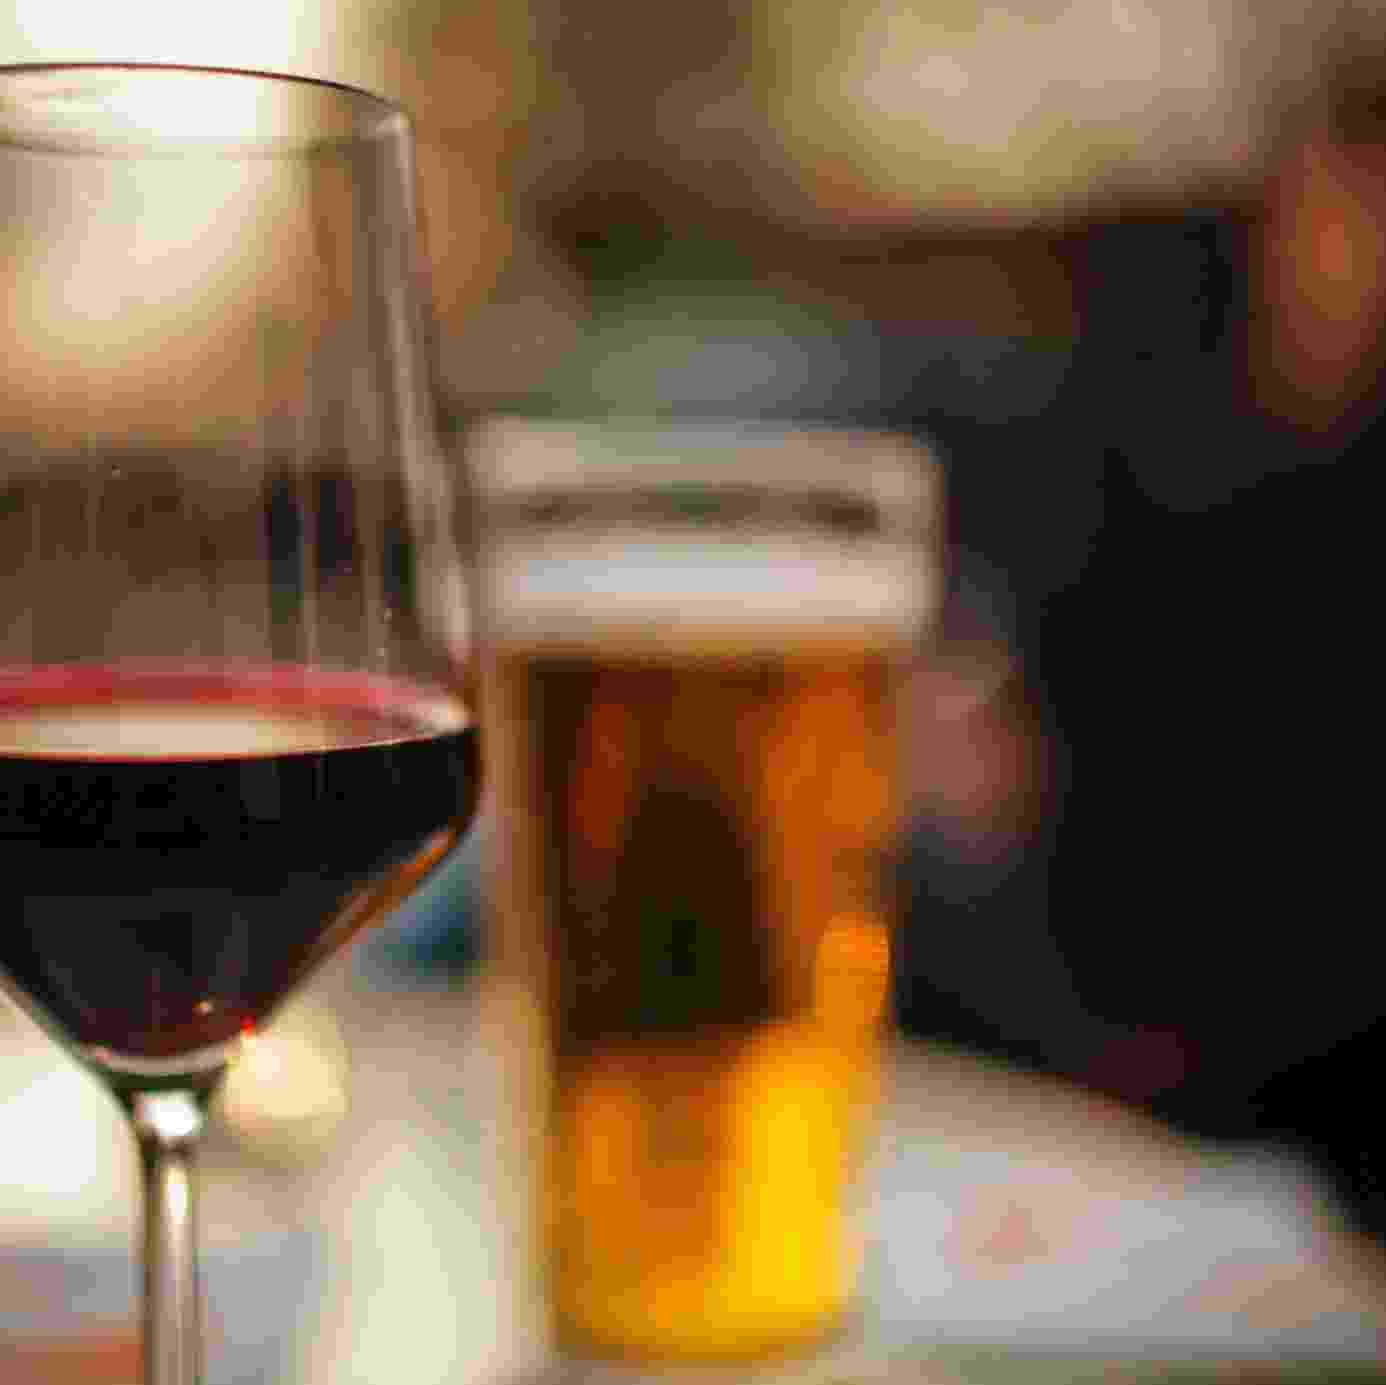 Cerveja e vinho podem ser mantidos na temperatura certa com o auxílio de adegas climatizadas e cervejeiras. Veja alguns modelos dos eletrodomésticos para equipar sua casa - Getty Images